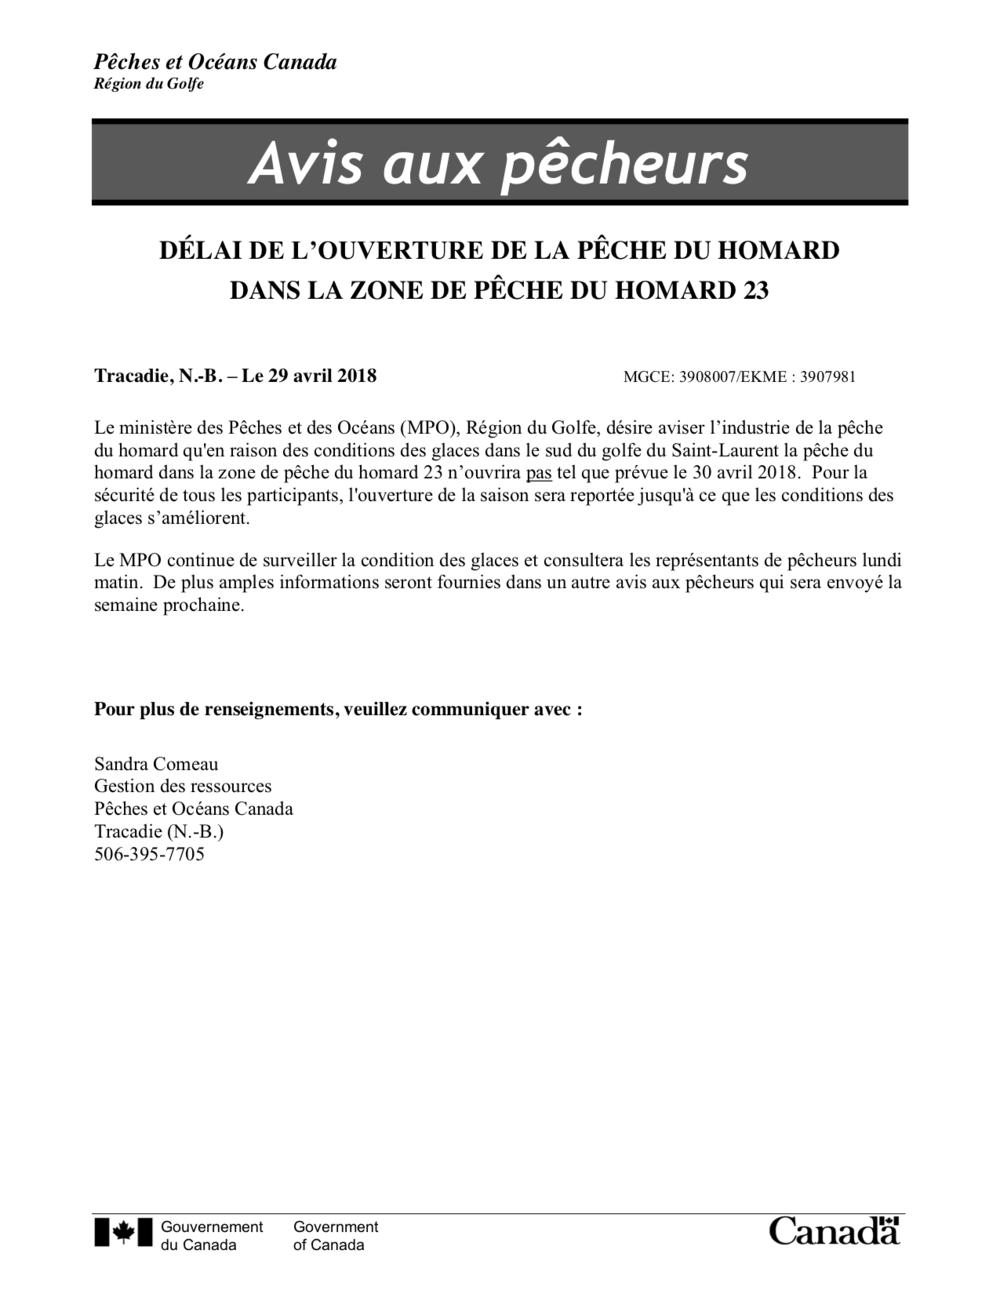 MECTS-#3908007-v1-2018_LOBSTER_LFA_23-Avis_aux_pêcheurs-Délai_d_ouverture-Avril_27.png